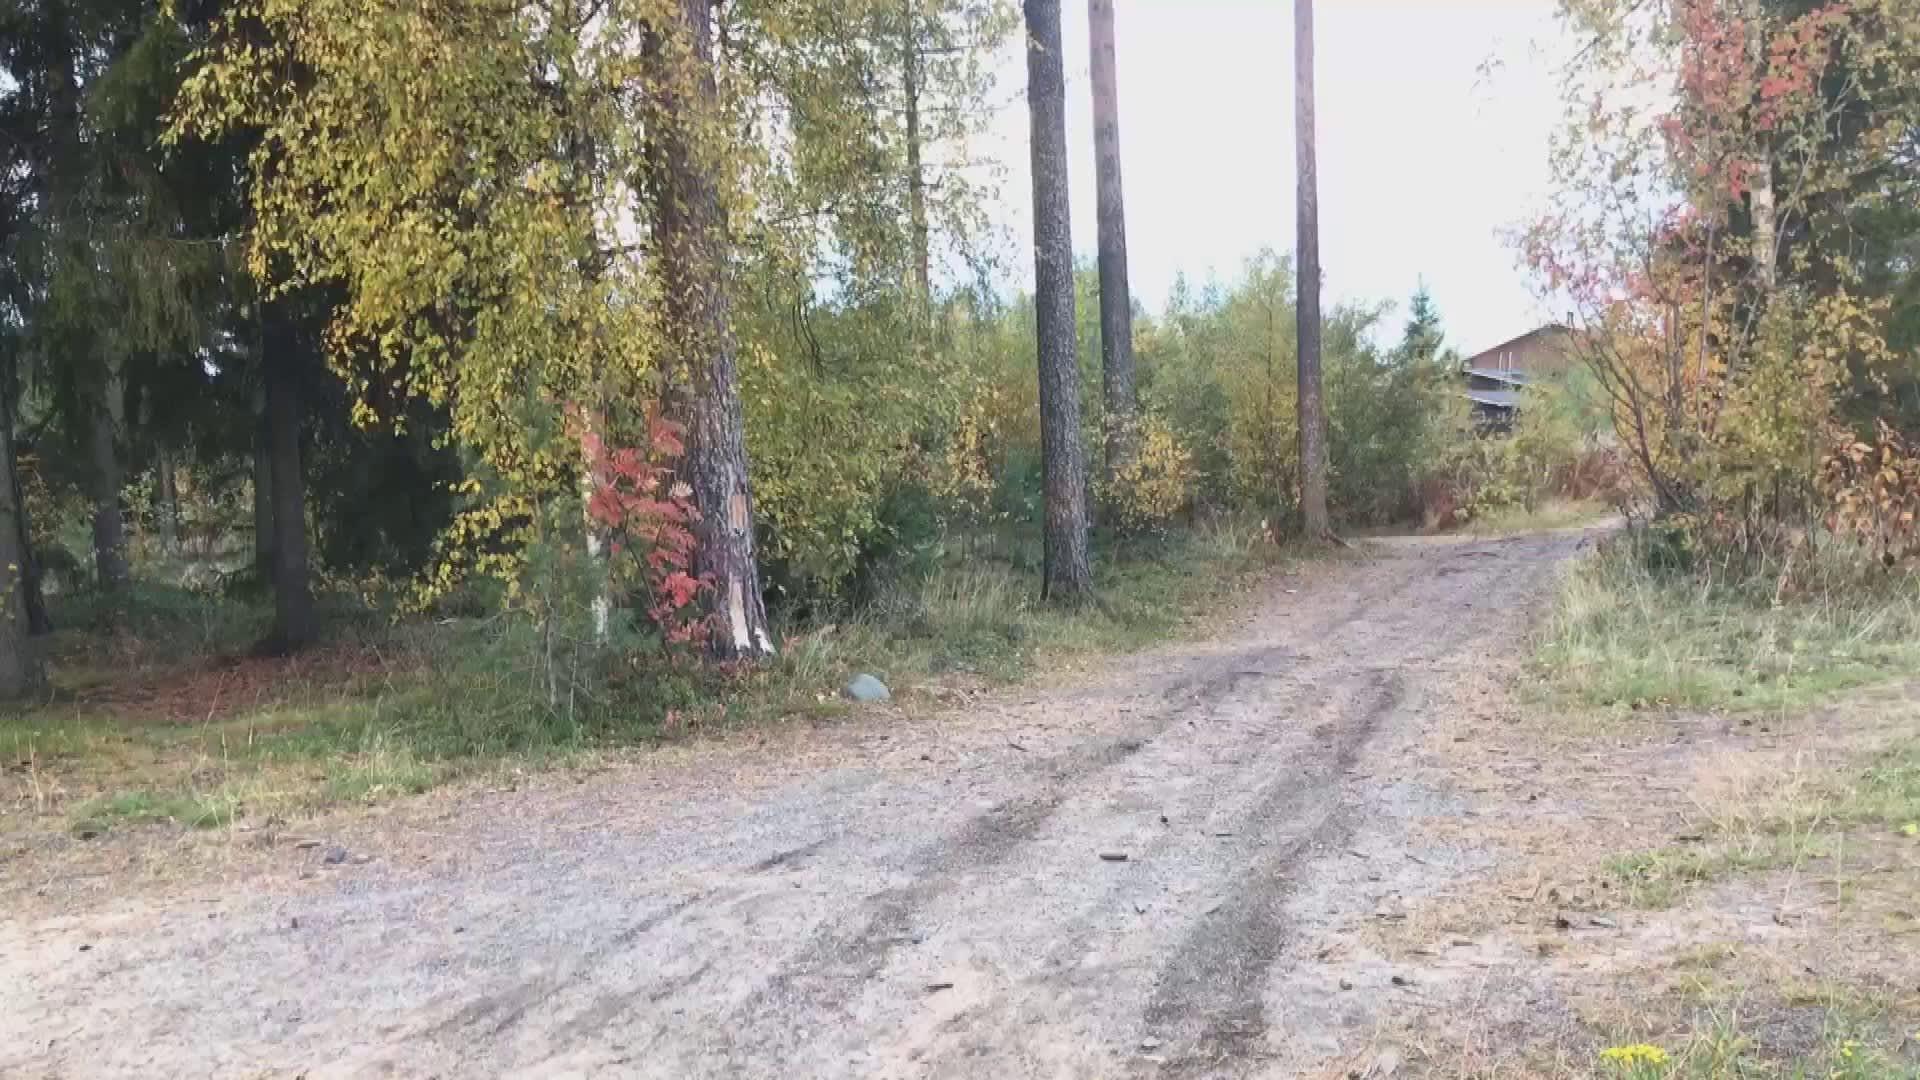 Länsituulen koulun seiskaluokkalaiset olivat siivoamassa koulun ympäristöä, kun osa oppilaista löysi maastosta polun vierestä käsiaseen.